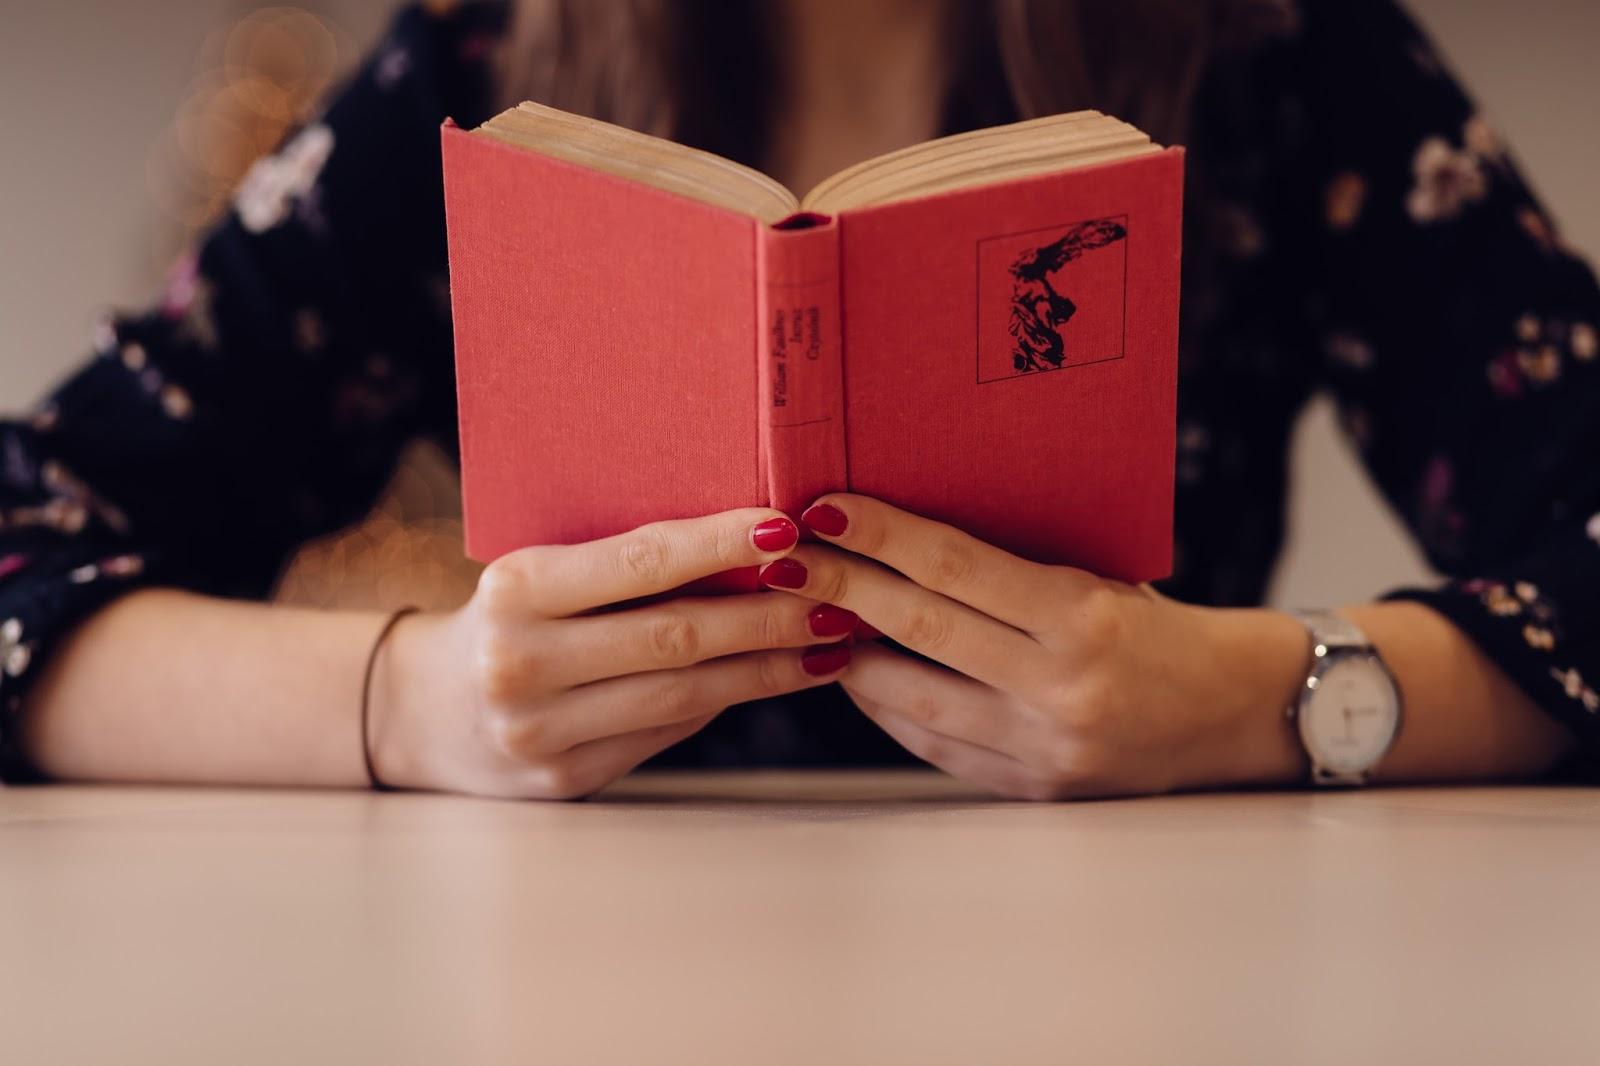 Dlaczego czytanie na głos pomaga przygotować się do prezentacji